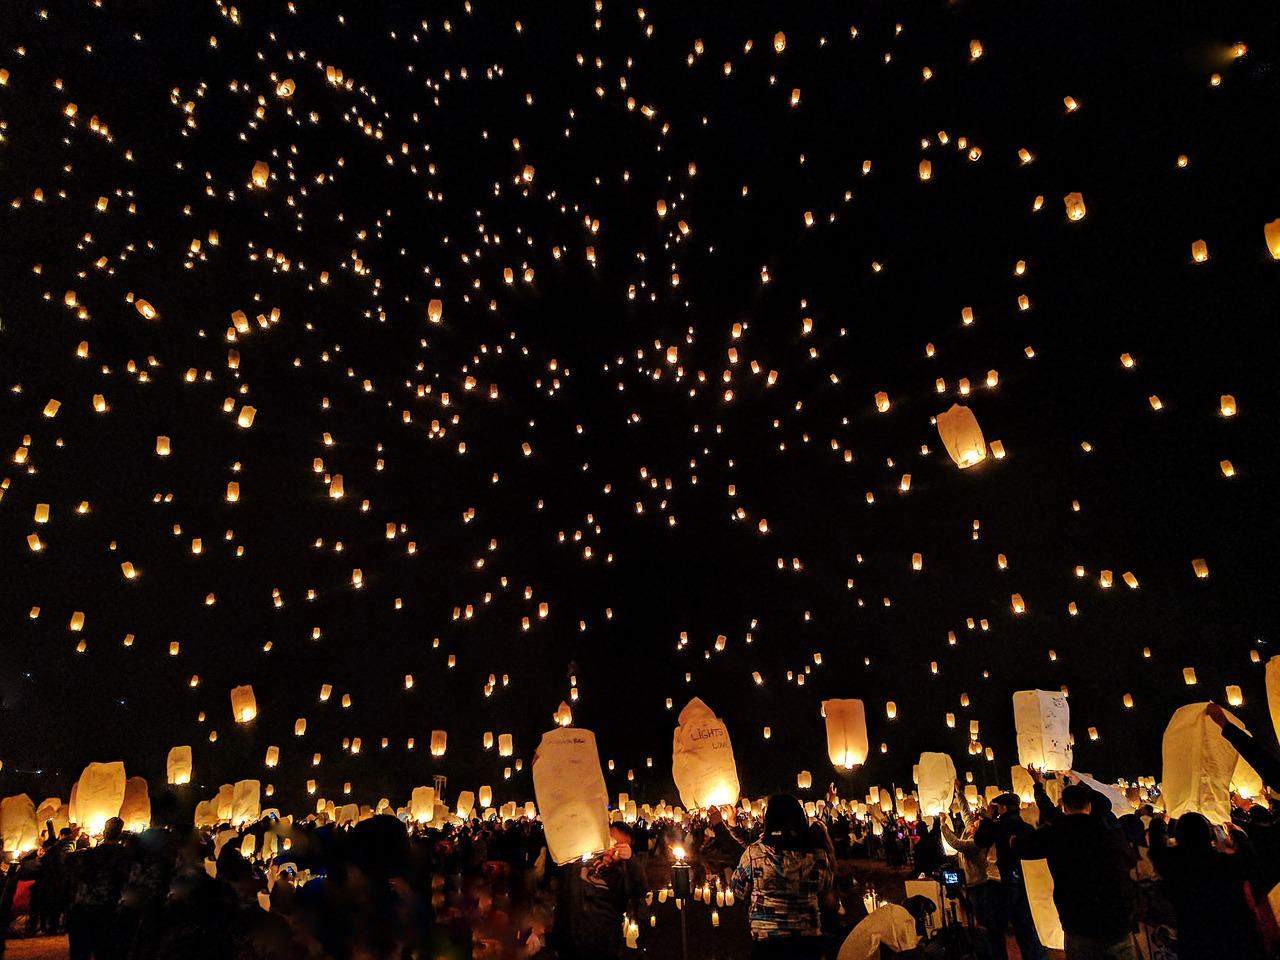 台湾のランタン祭りは見もの!旧正月行事平渓天燈祭の日程や場所は?